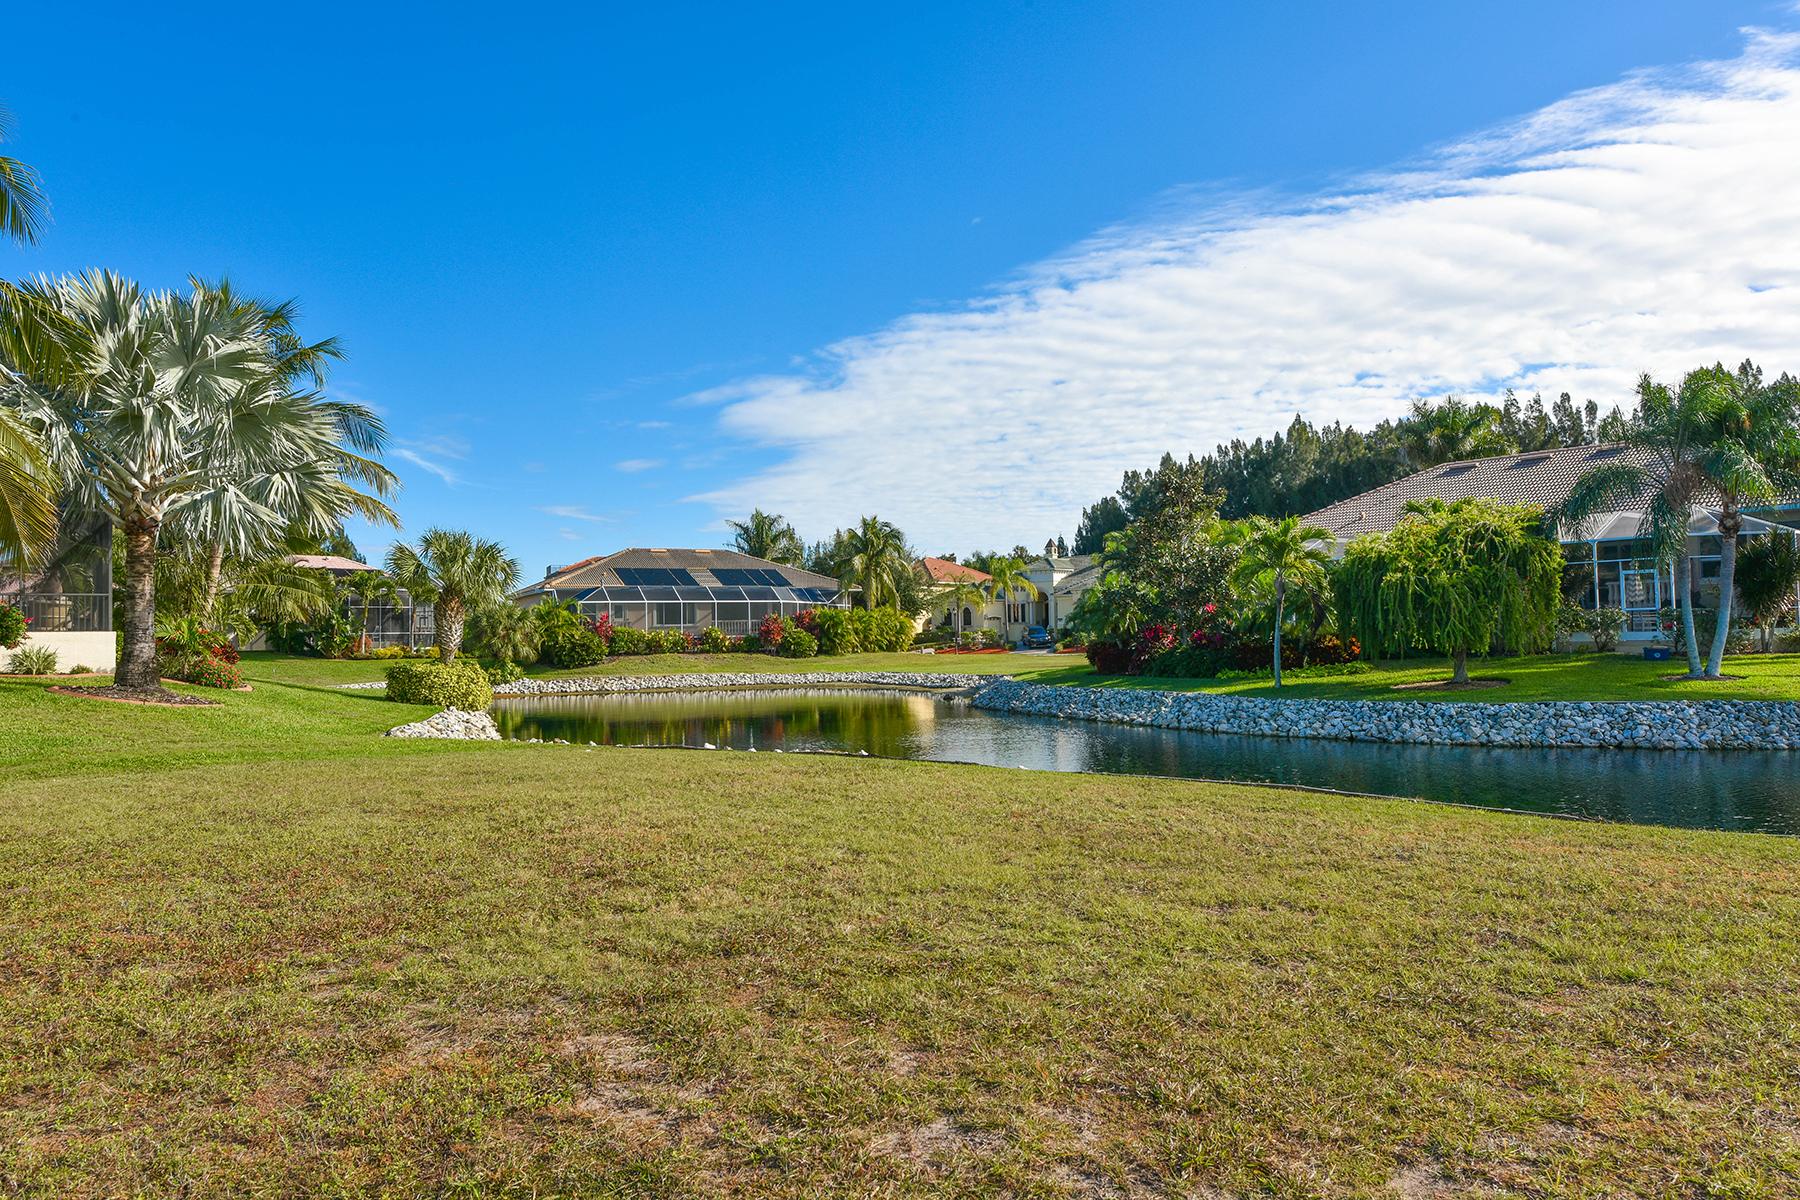 Land für Verkauf beim HARBOUR LANDINGS ESTATES 4011 Commodore Blvd 57 Cortez, Florida, 34215 Vereinigte Staaten